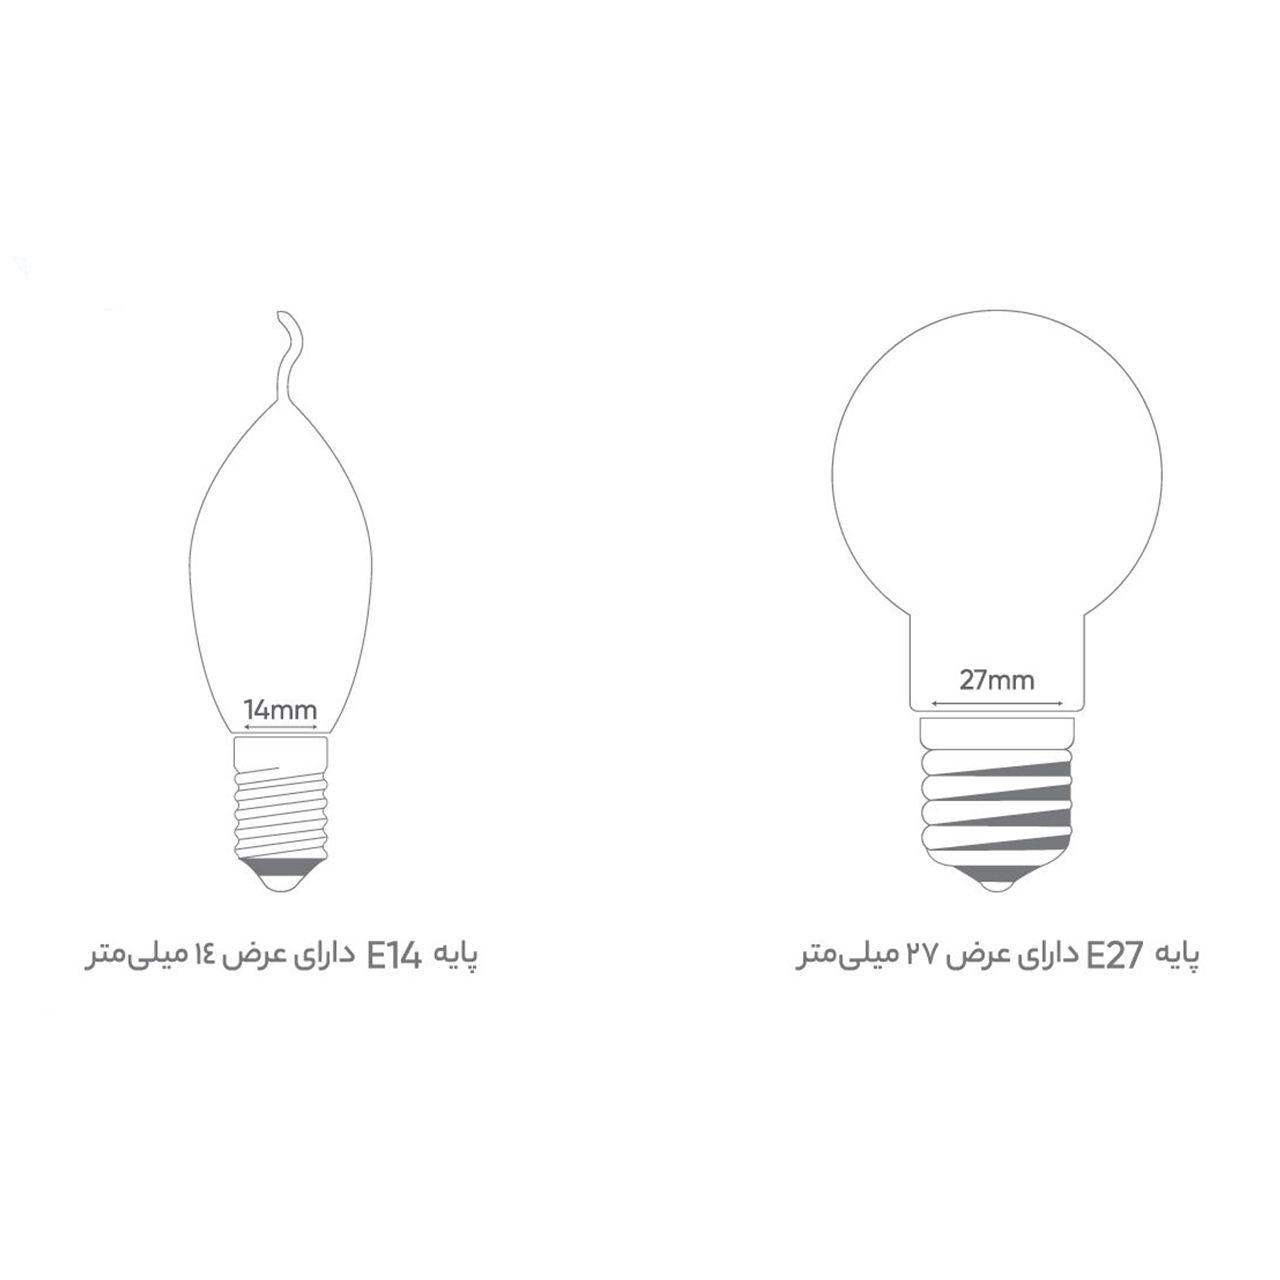 لامپ ال ای دی 15 وات کملیون مدل STQ1 پایه E27 بسته 2 عددی  main 1 4